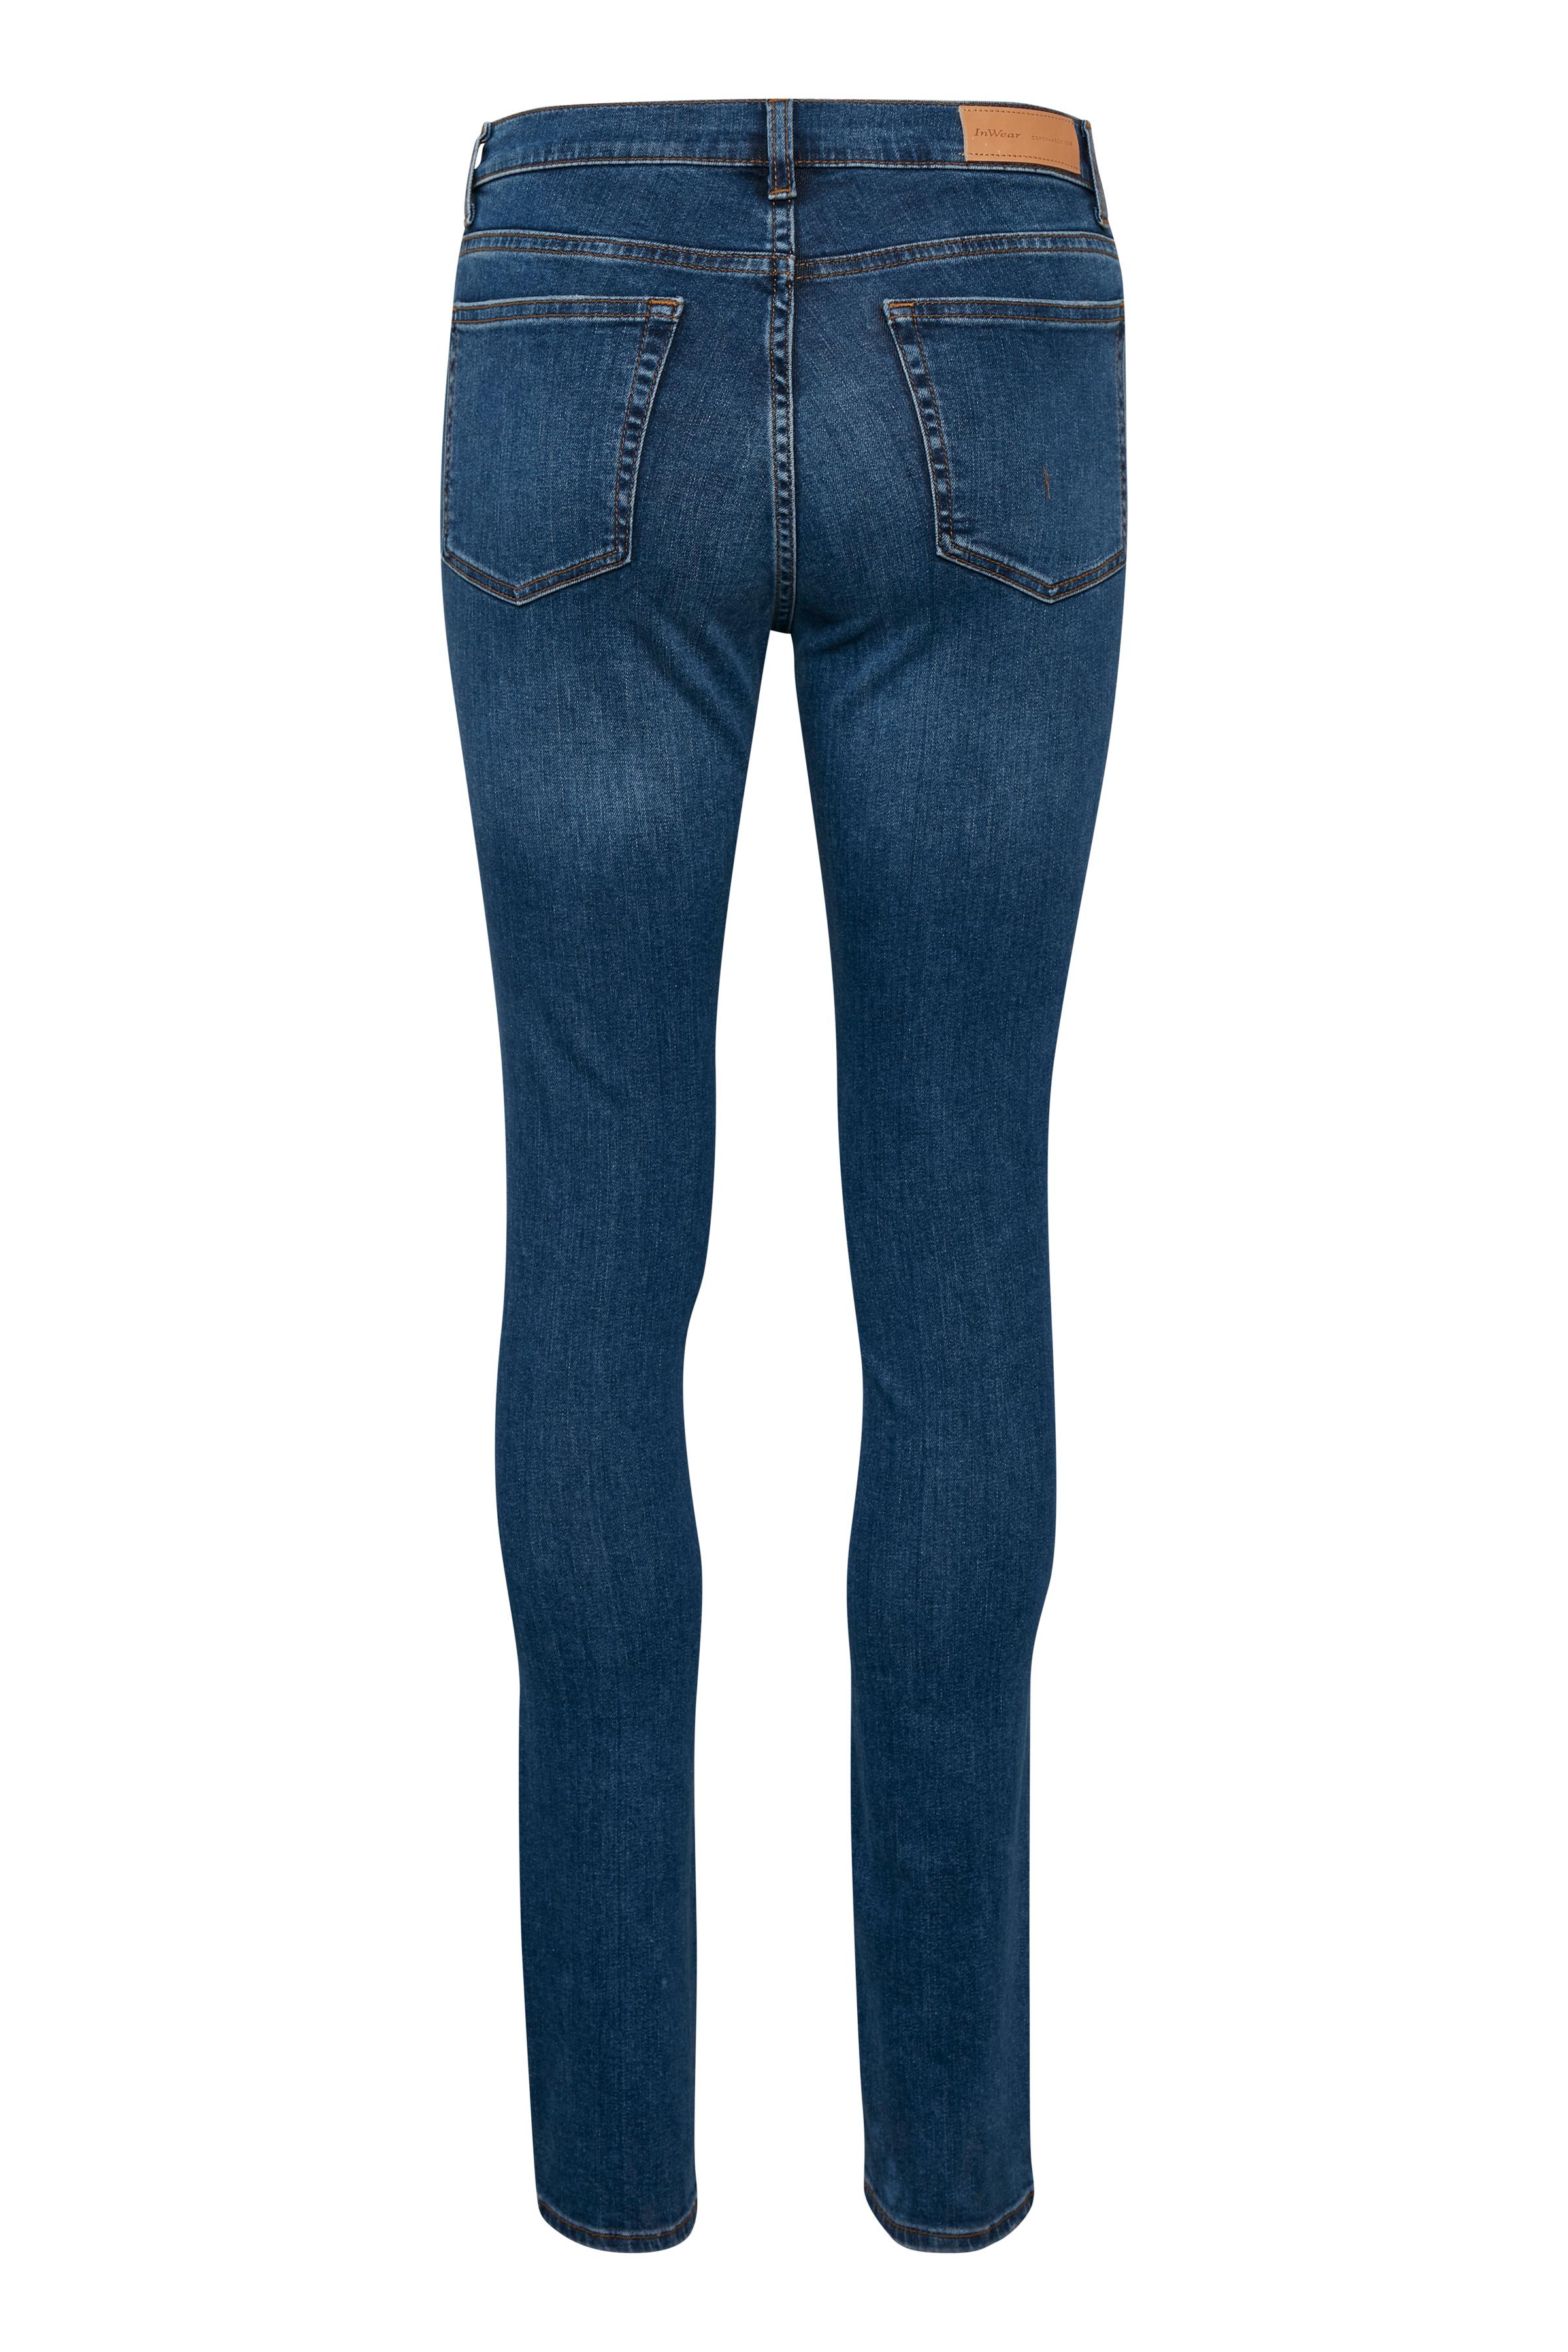 Medium Vintage Jeans – Køb Medium Vintage Jeans fra str. 27-29 her